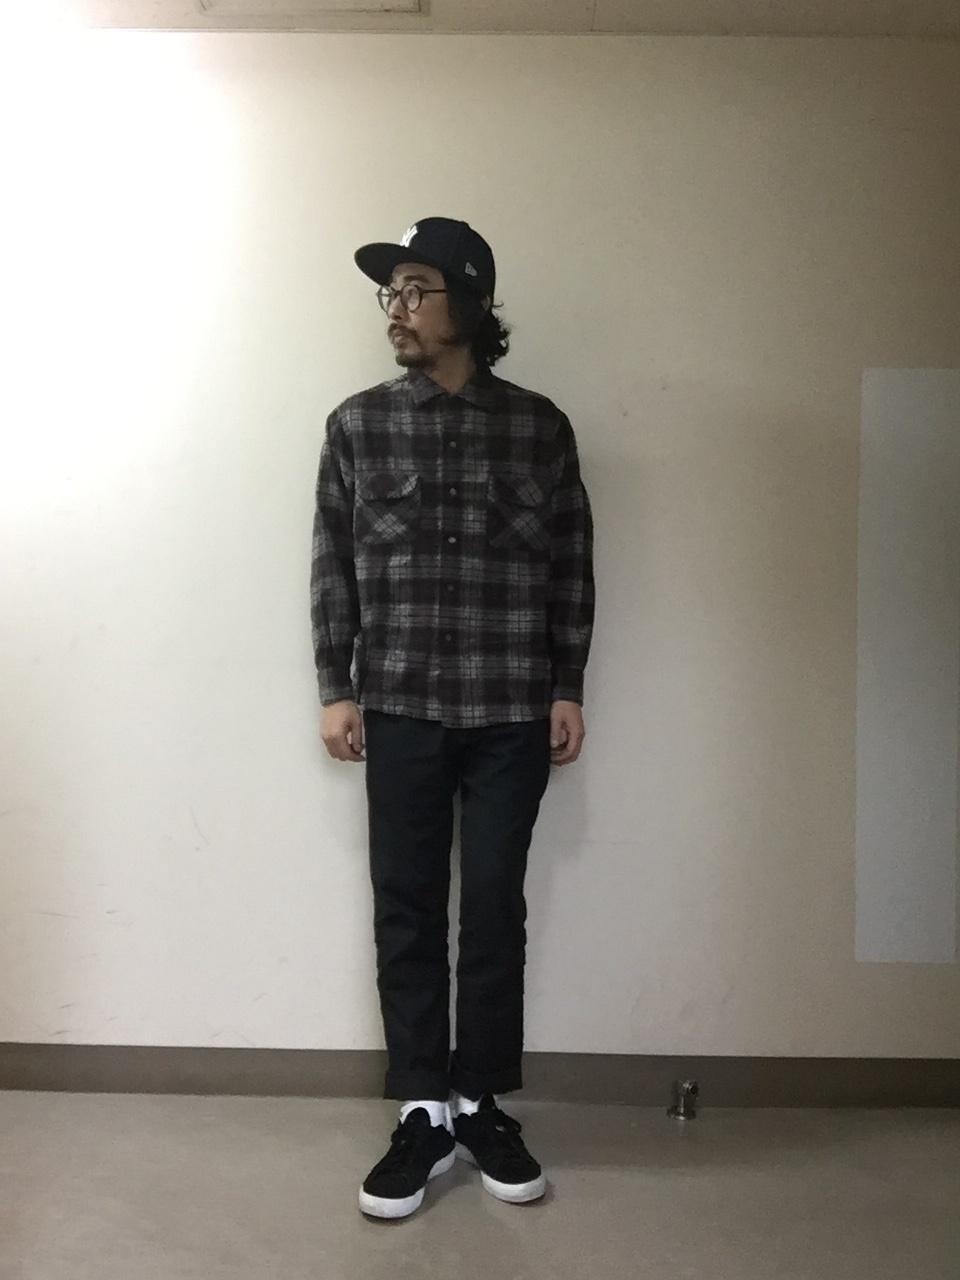 d0324958_13435228.jpg